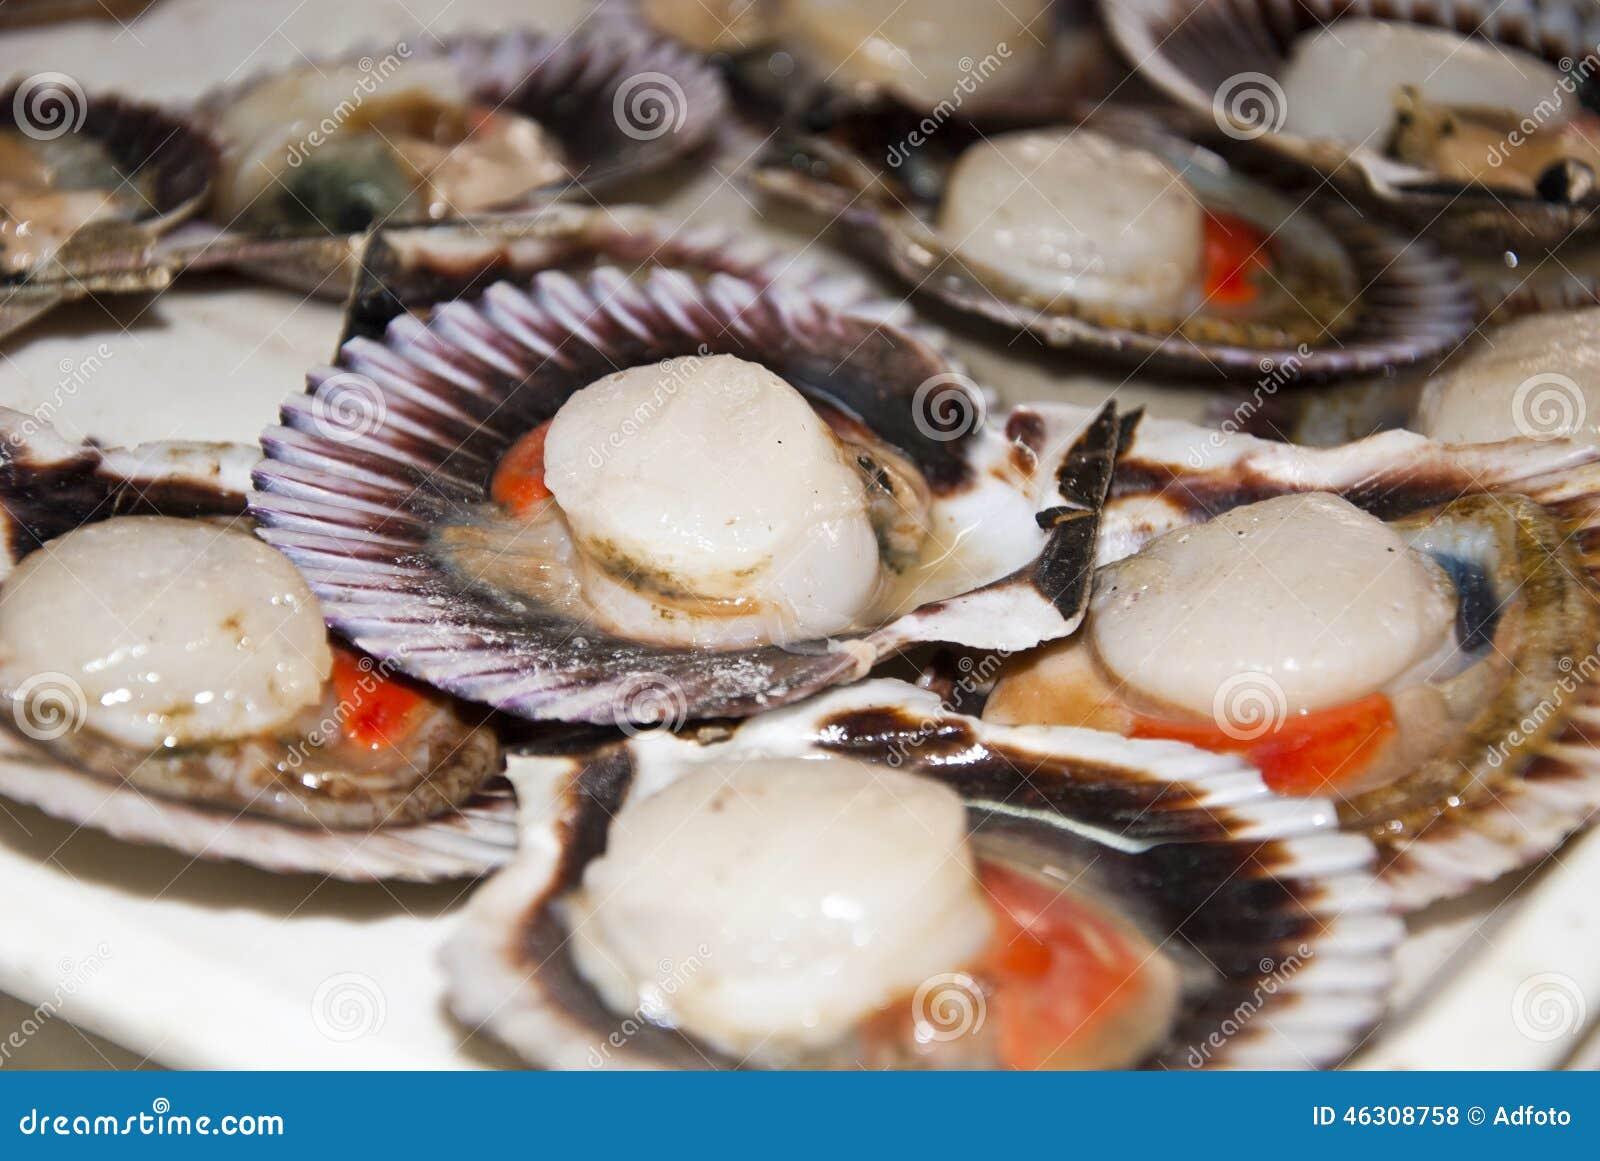 mariscos conchas de peregrino foto de archivo imagen